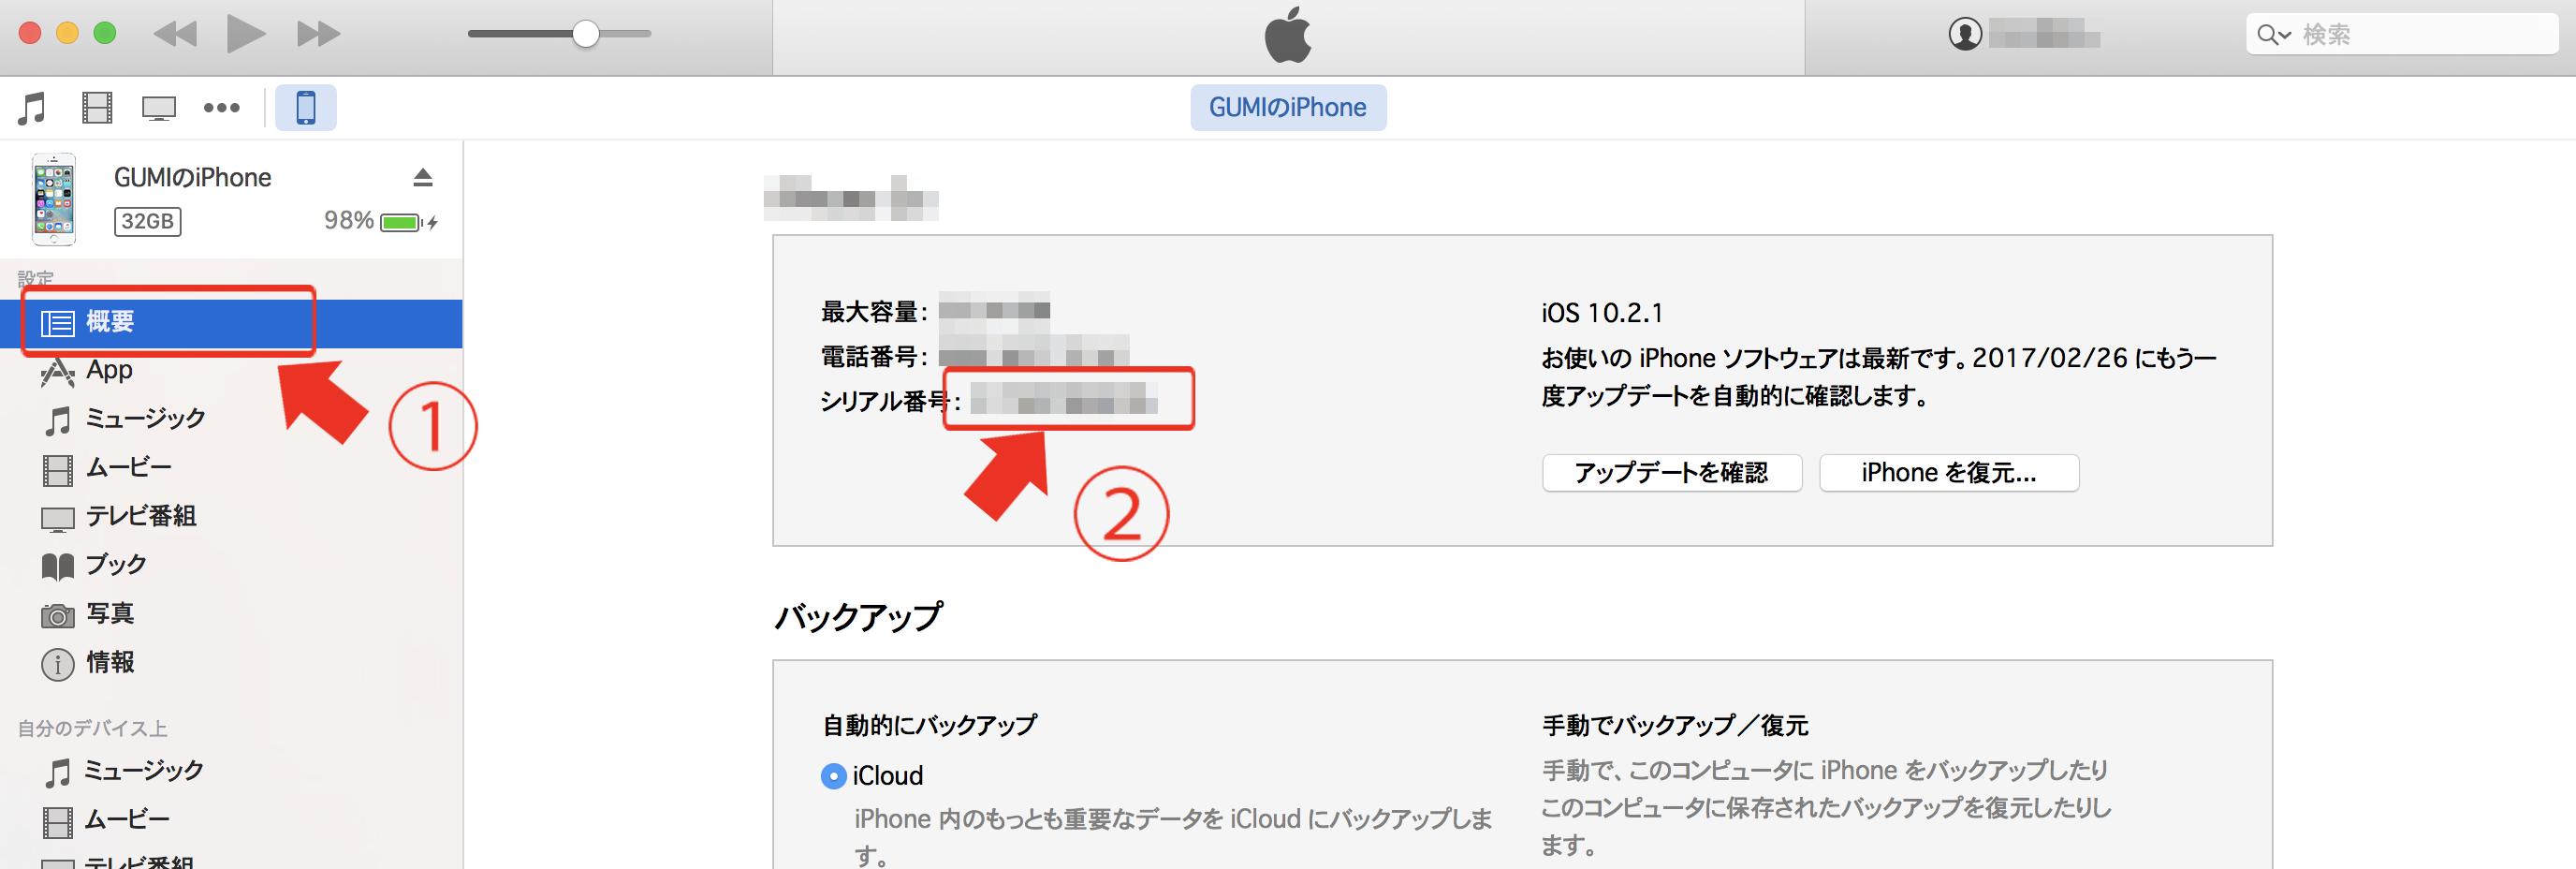 iTunesでのシリアル番号確認方法